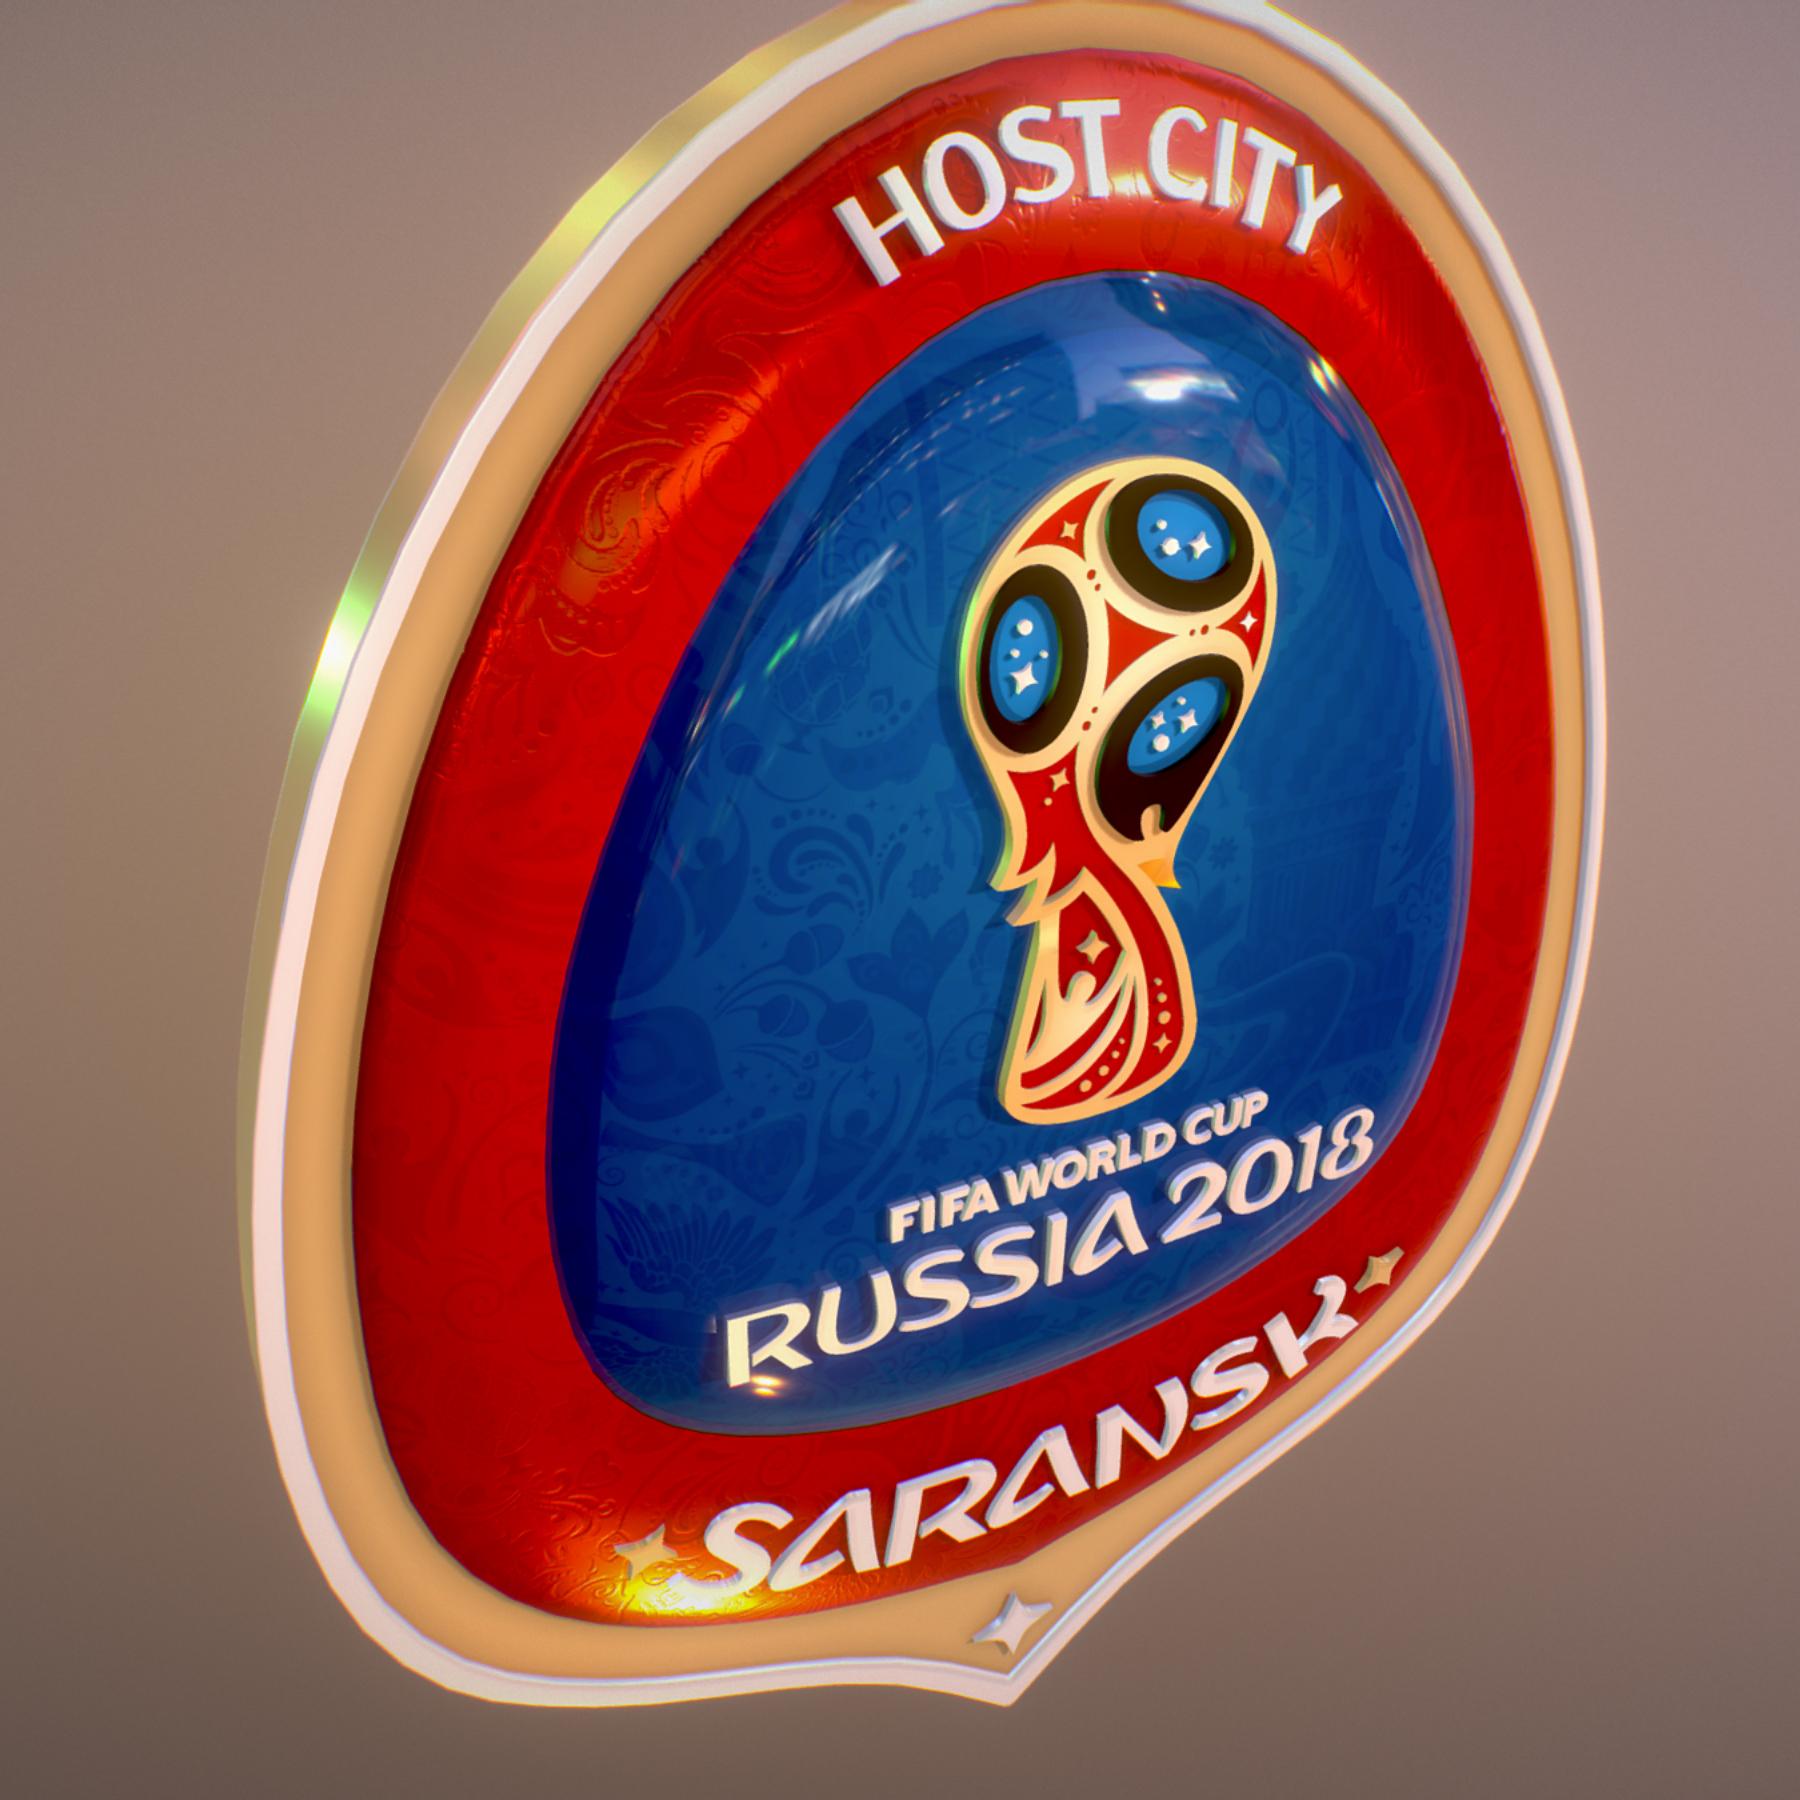 saransk domaćin grad svjetski kup rusija 2018 simbol 3d model max fbx cob jpeg jpg ma mb obj 271845